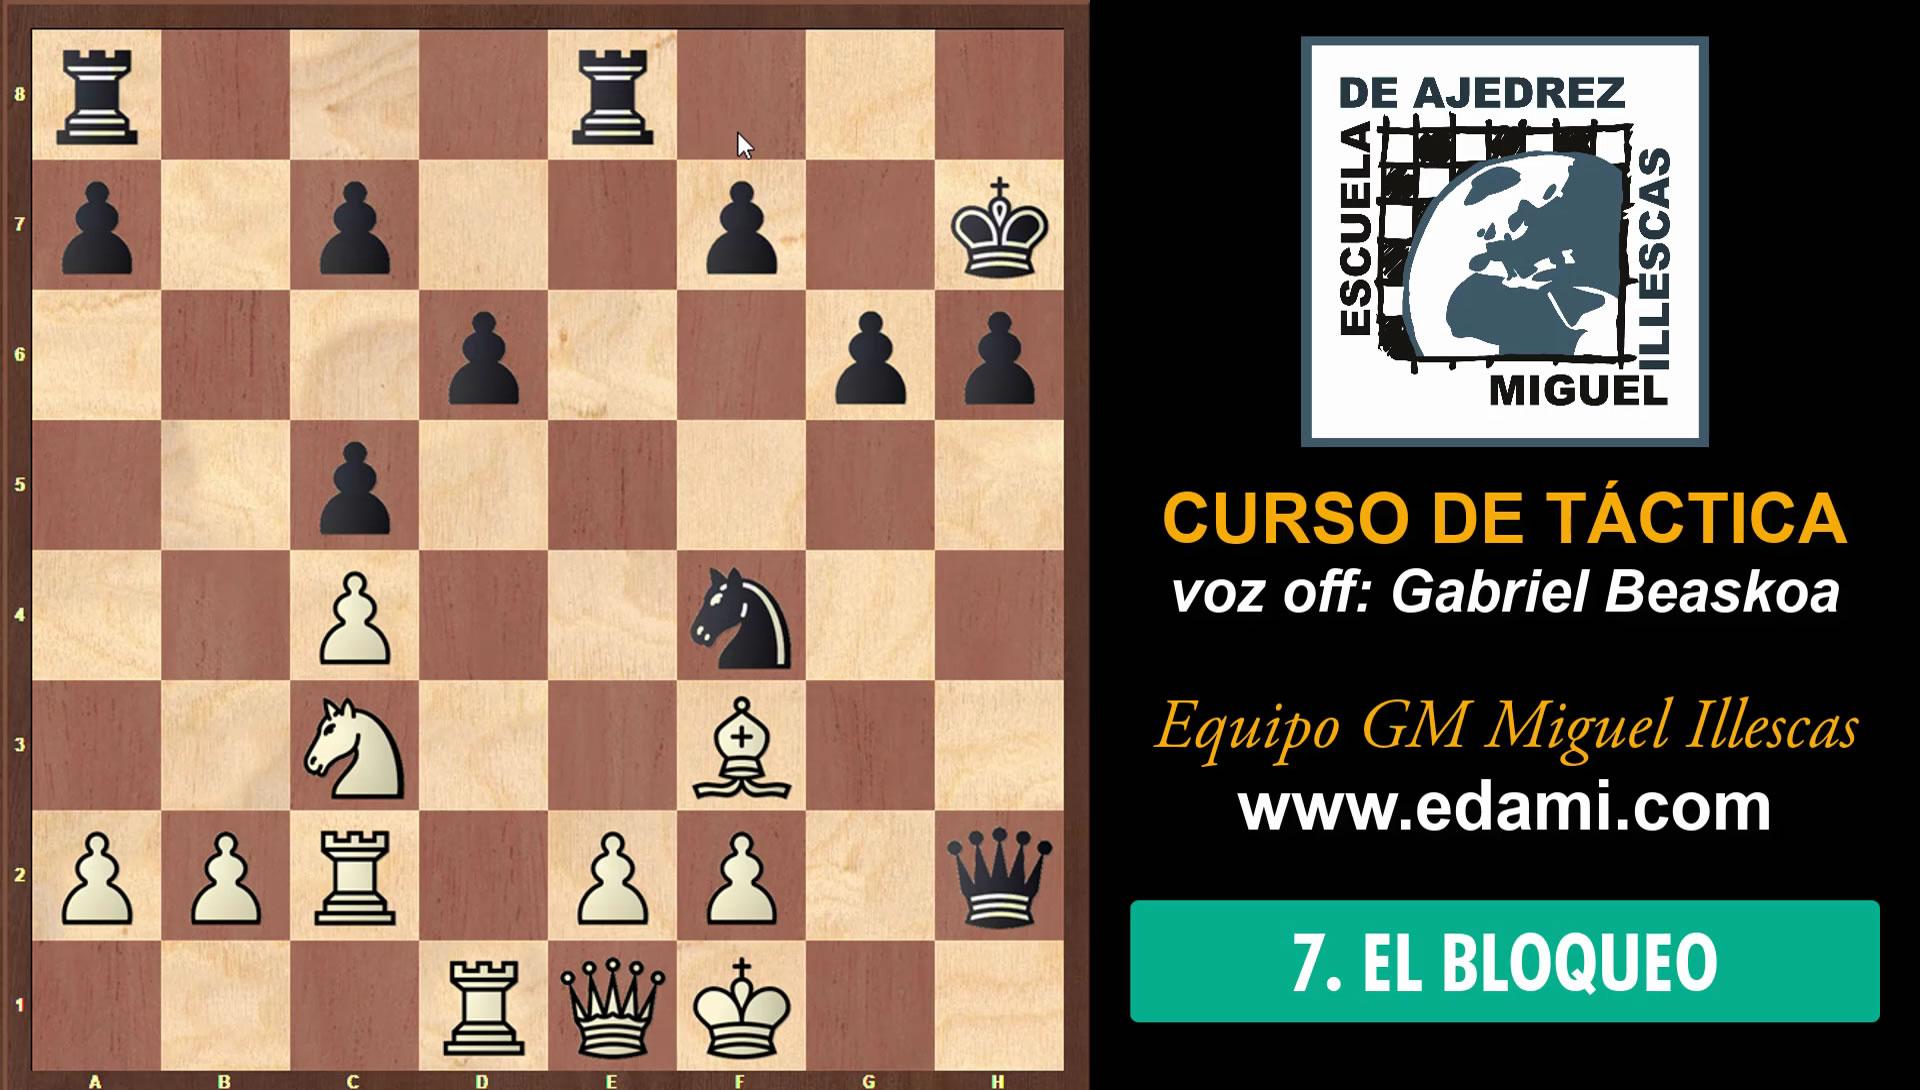 Curso de Táctica de ajedrez EDAMI #07 - El Bloqueo